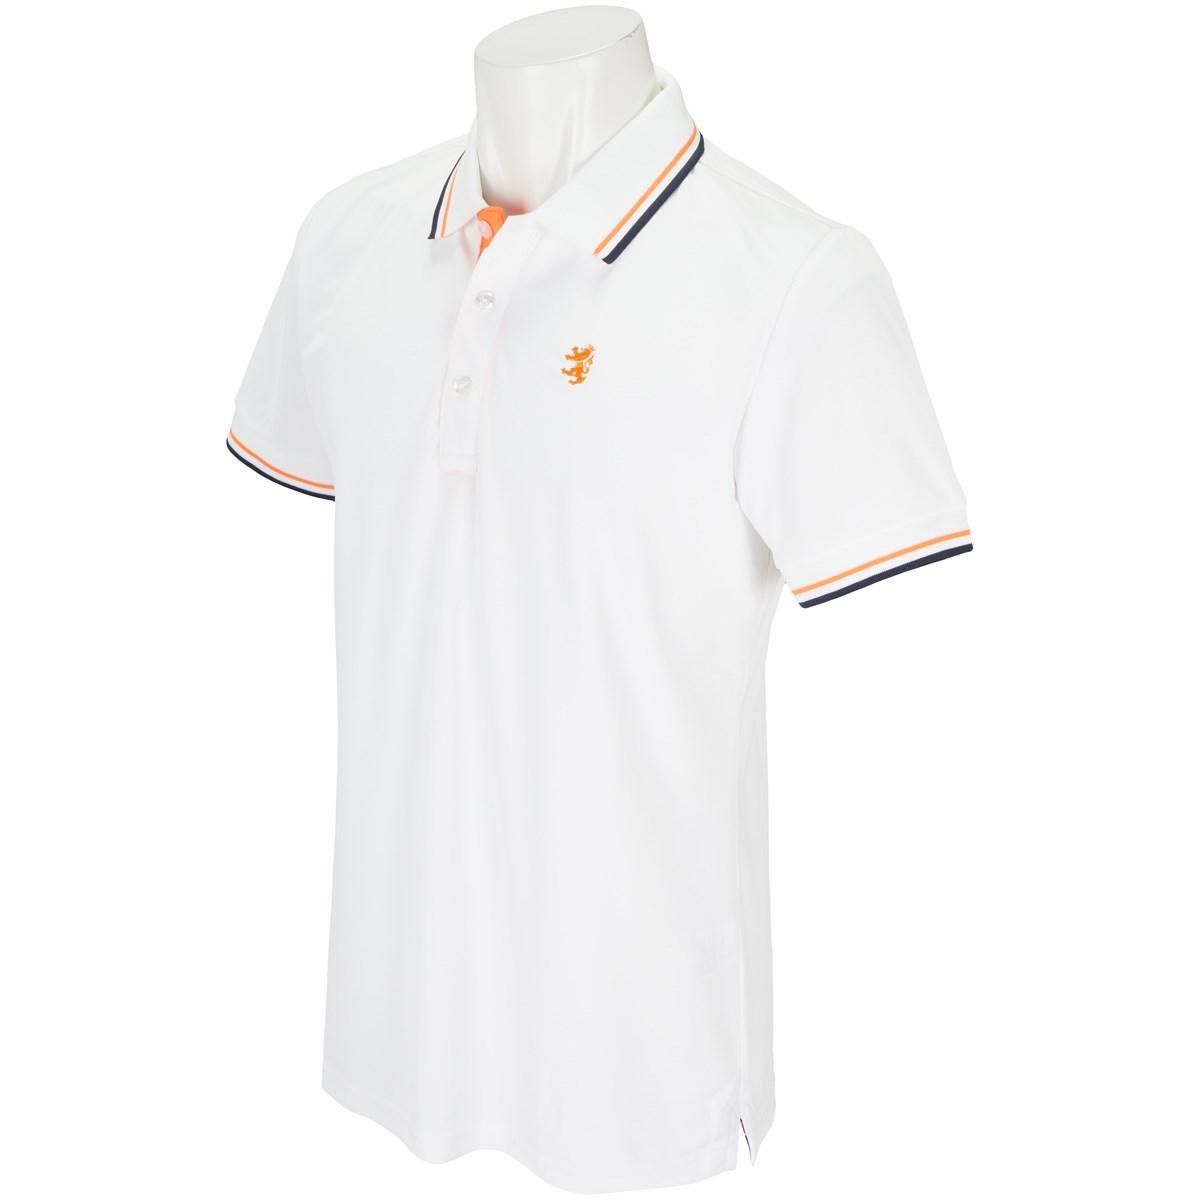 アドミラル Admiral GDO限定 レイブロック半袖ポロシャツ M ホワイト 00